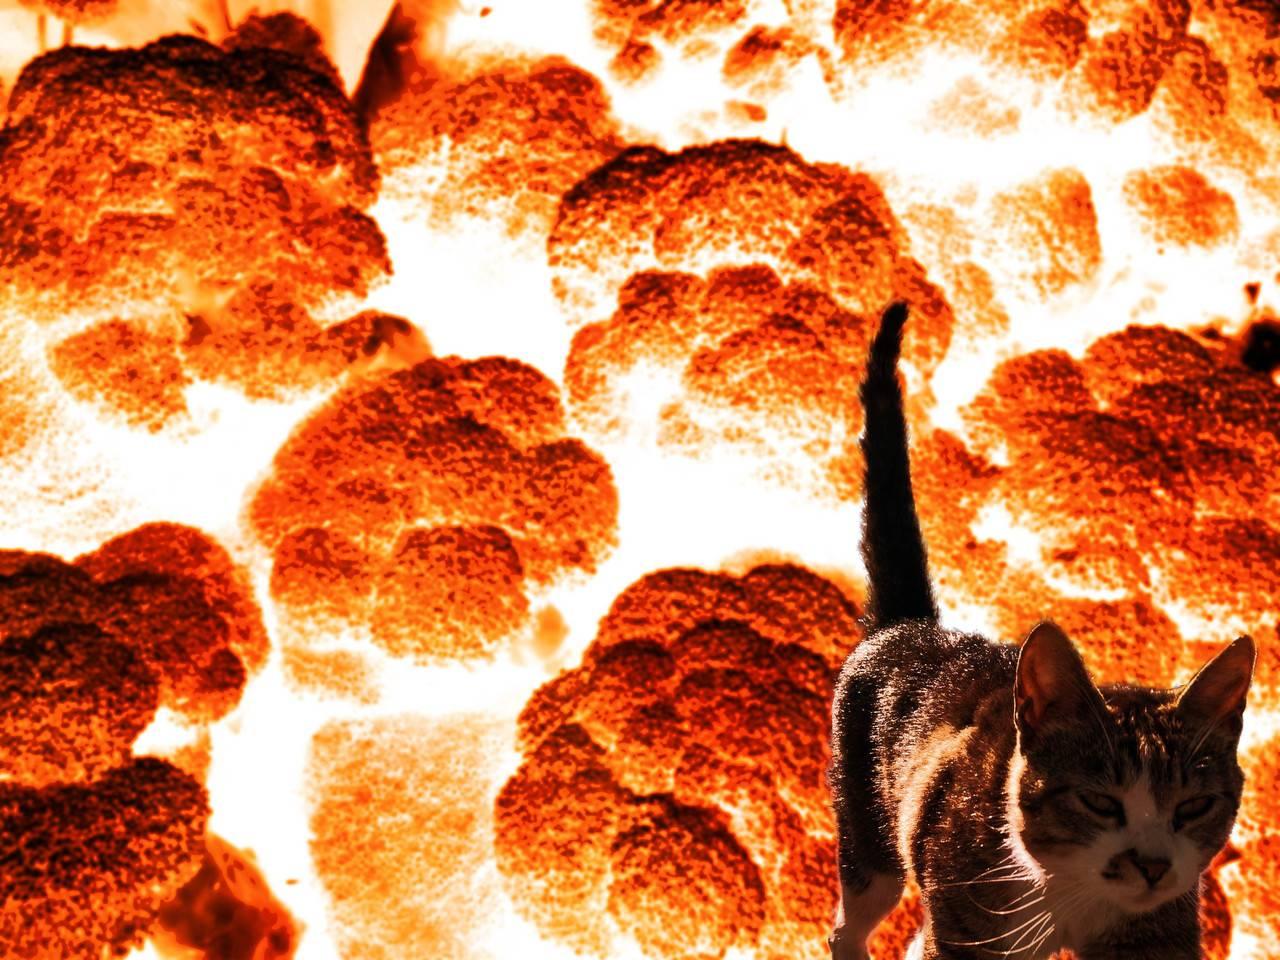 ブロッコリーから大爆発を作るチュートリアル